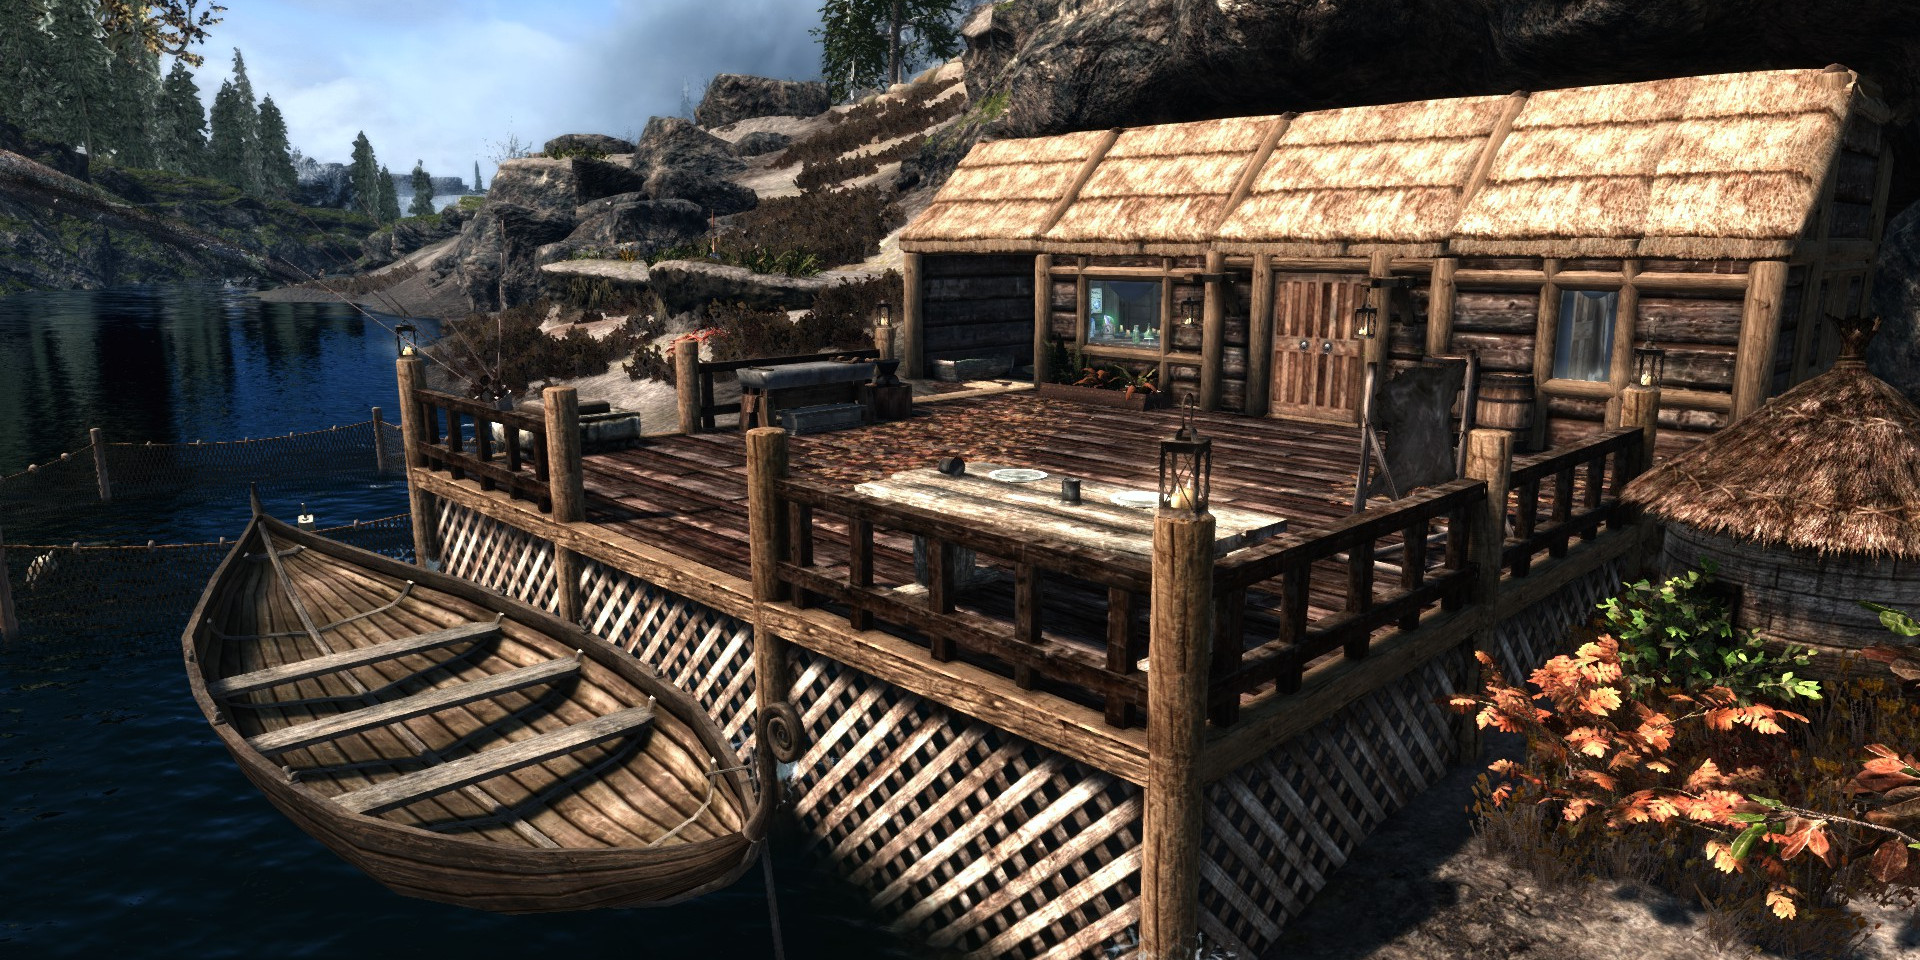 Docks.jpeg